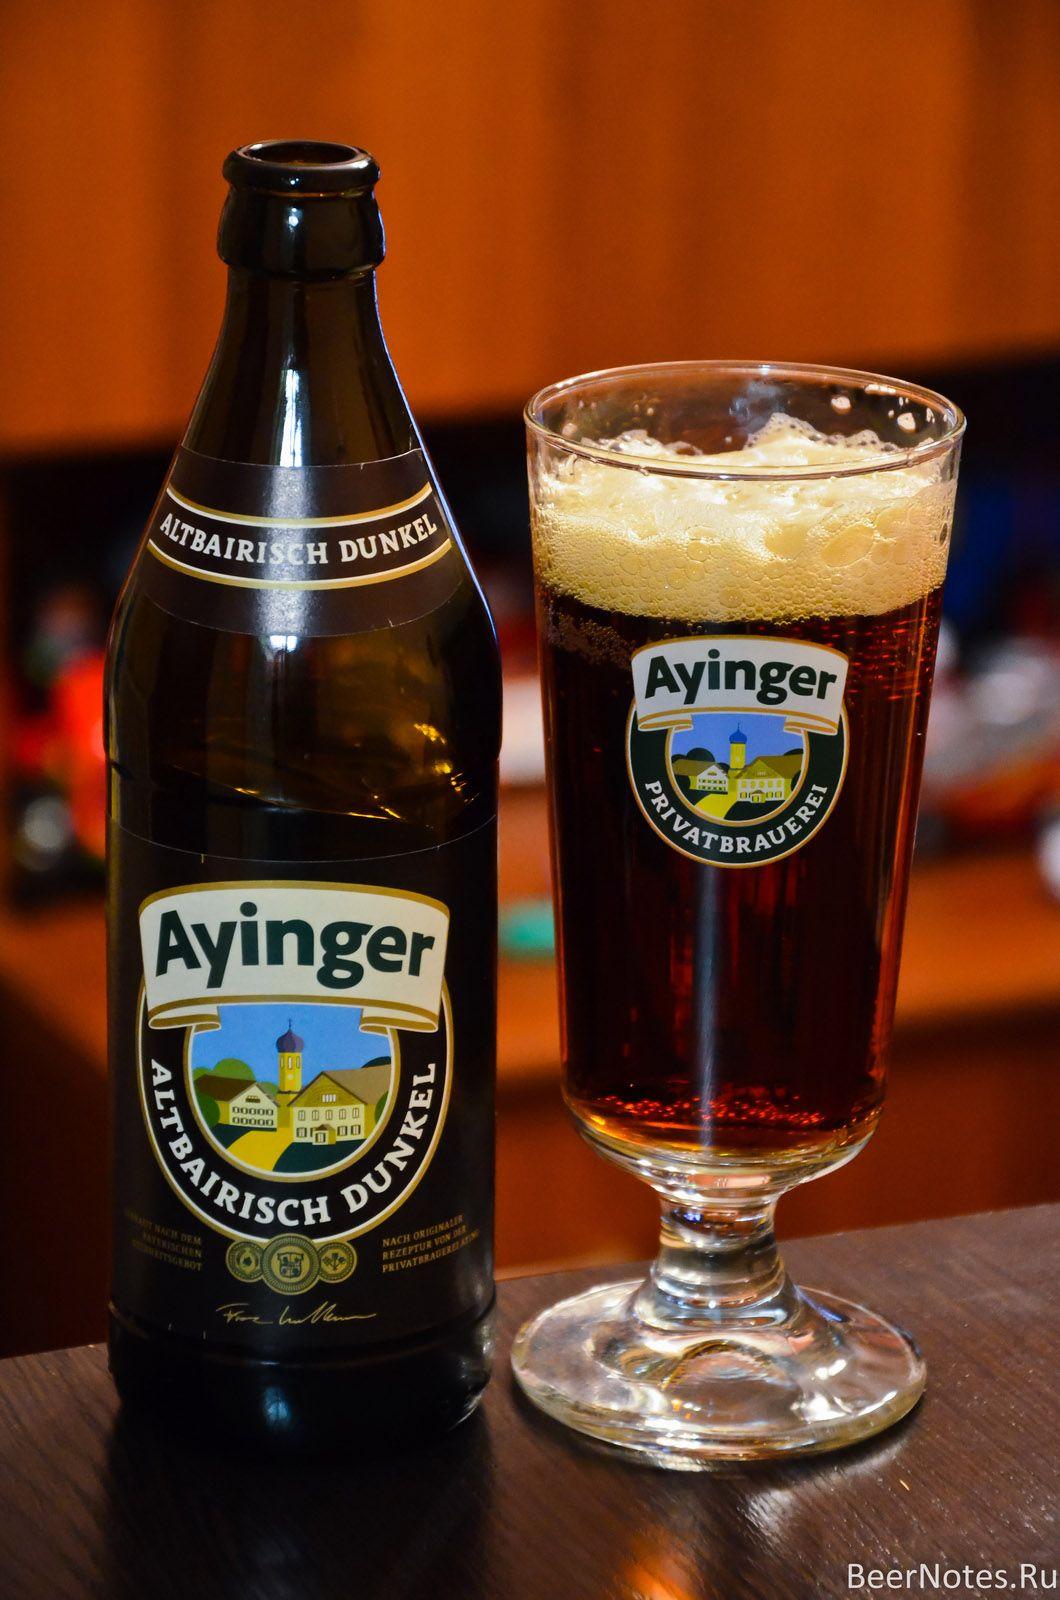 Privatbrauerei Franz Inselkammer Aying Ayinger Altbairisch Dunkel  5,0% pullo